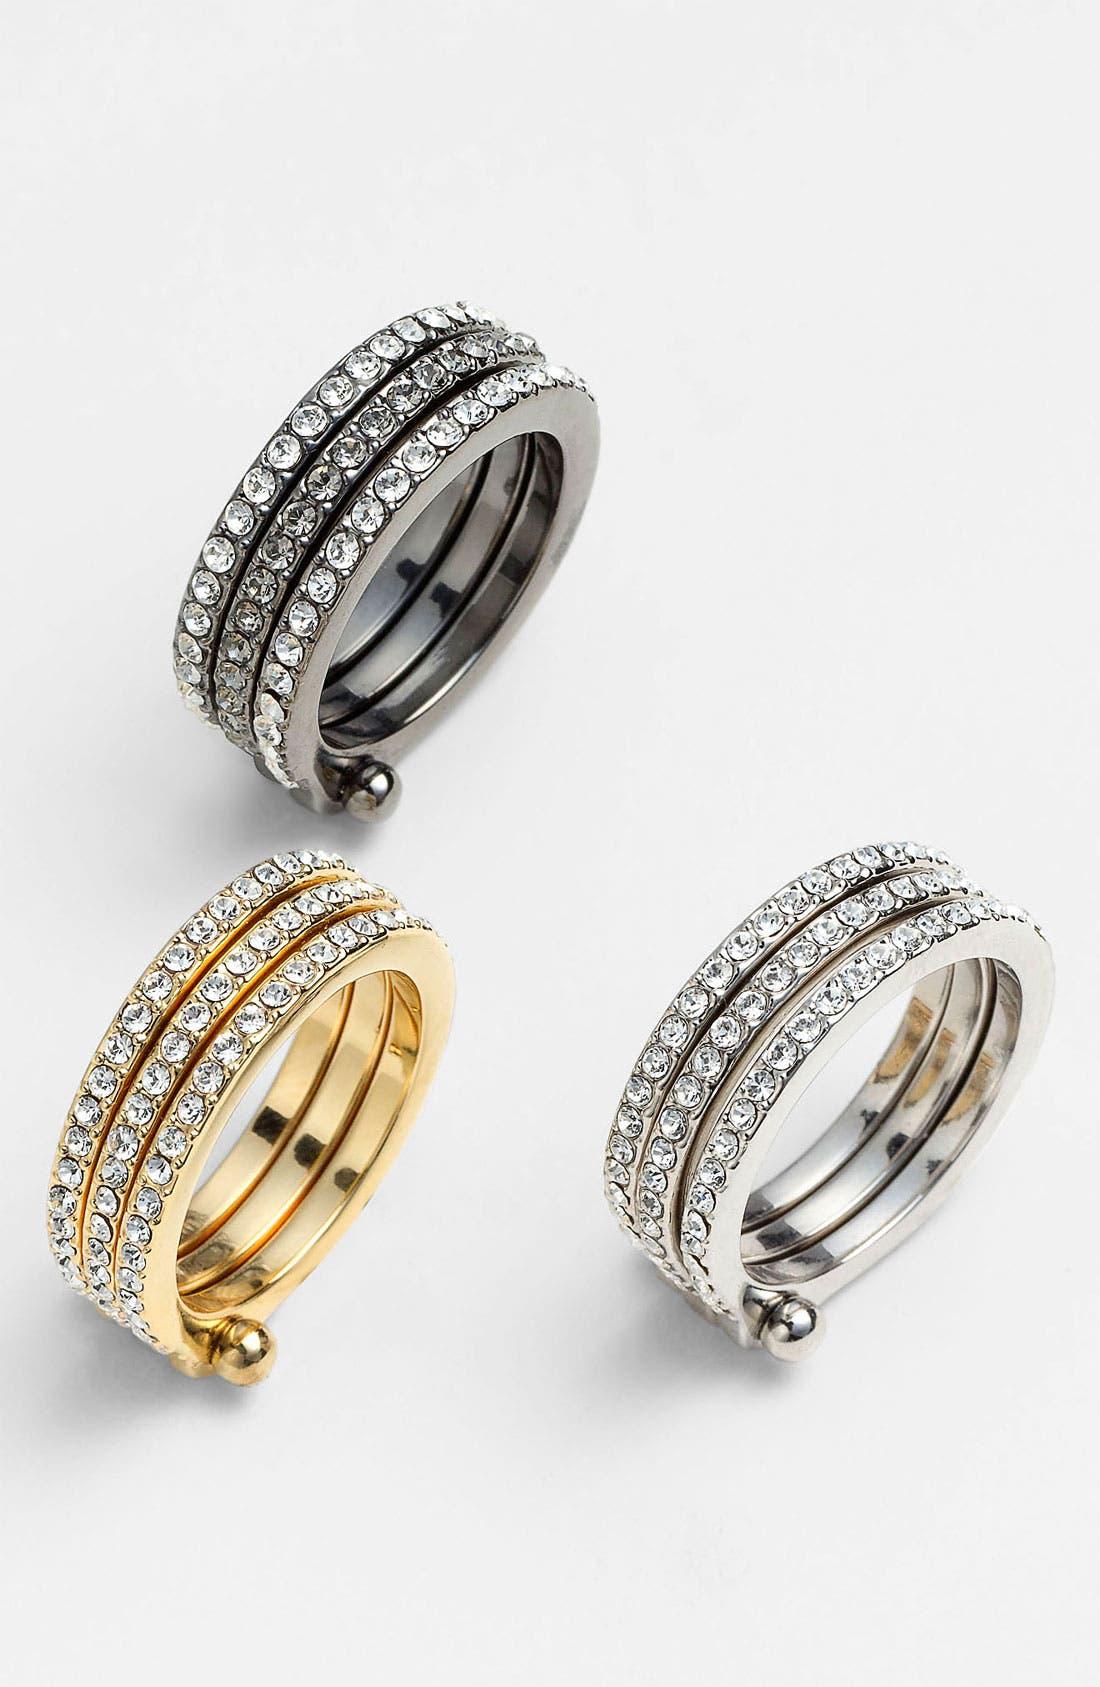 Main Image - Givenchy Stack Ring